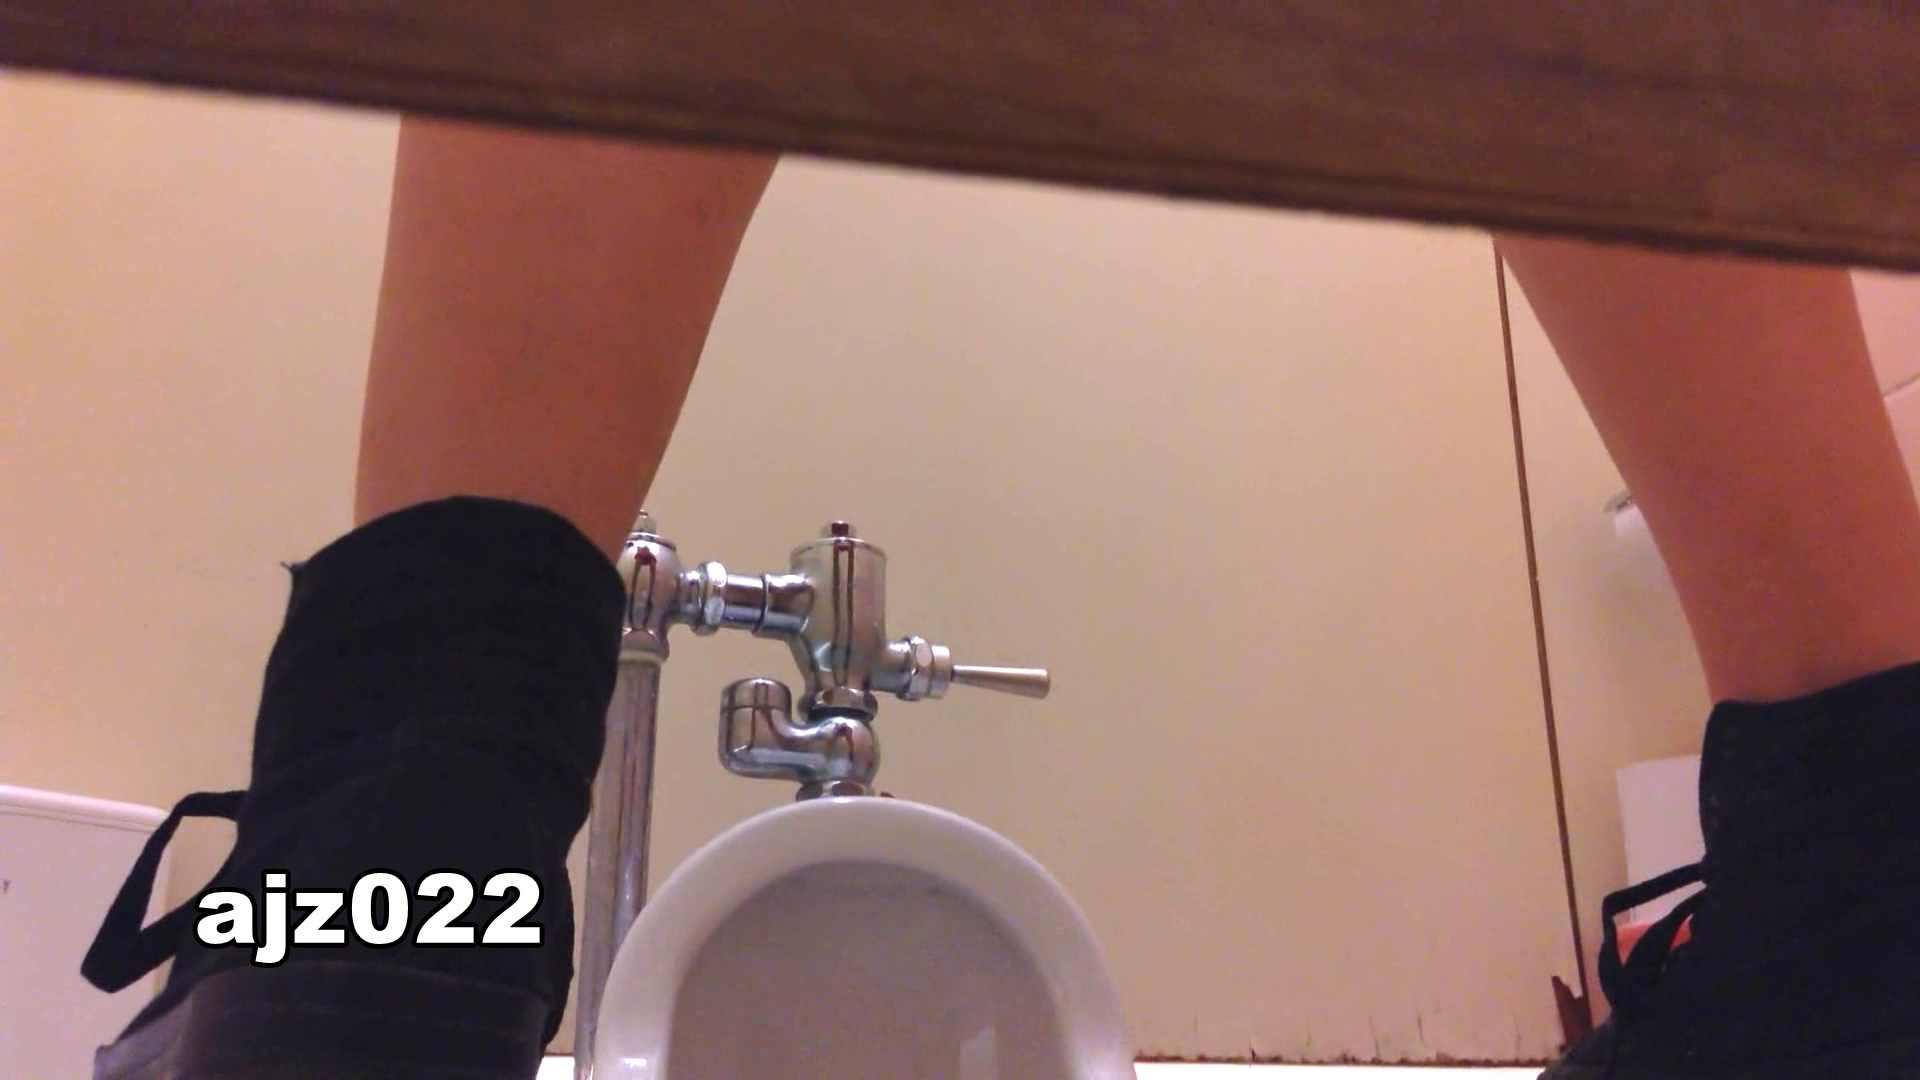 某有名大学女性洗面所 vol.22 排泄  78PIX 21